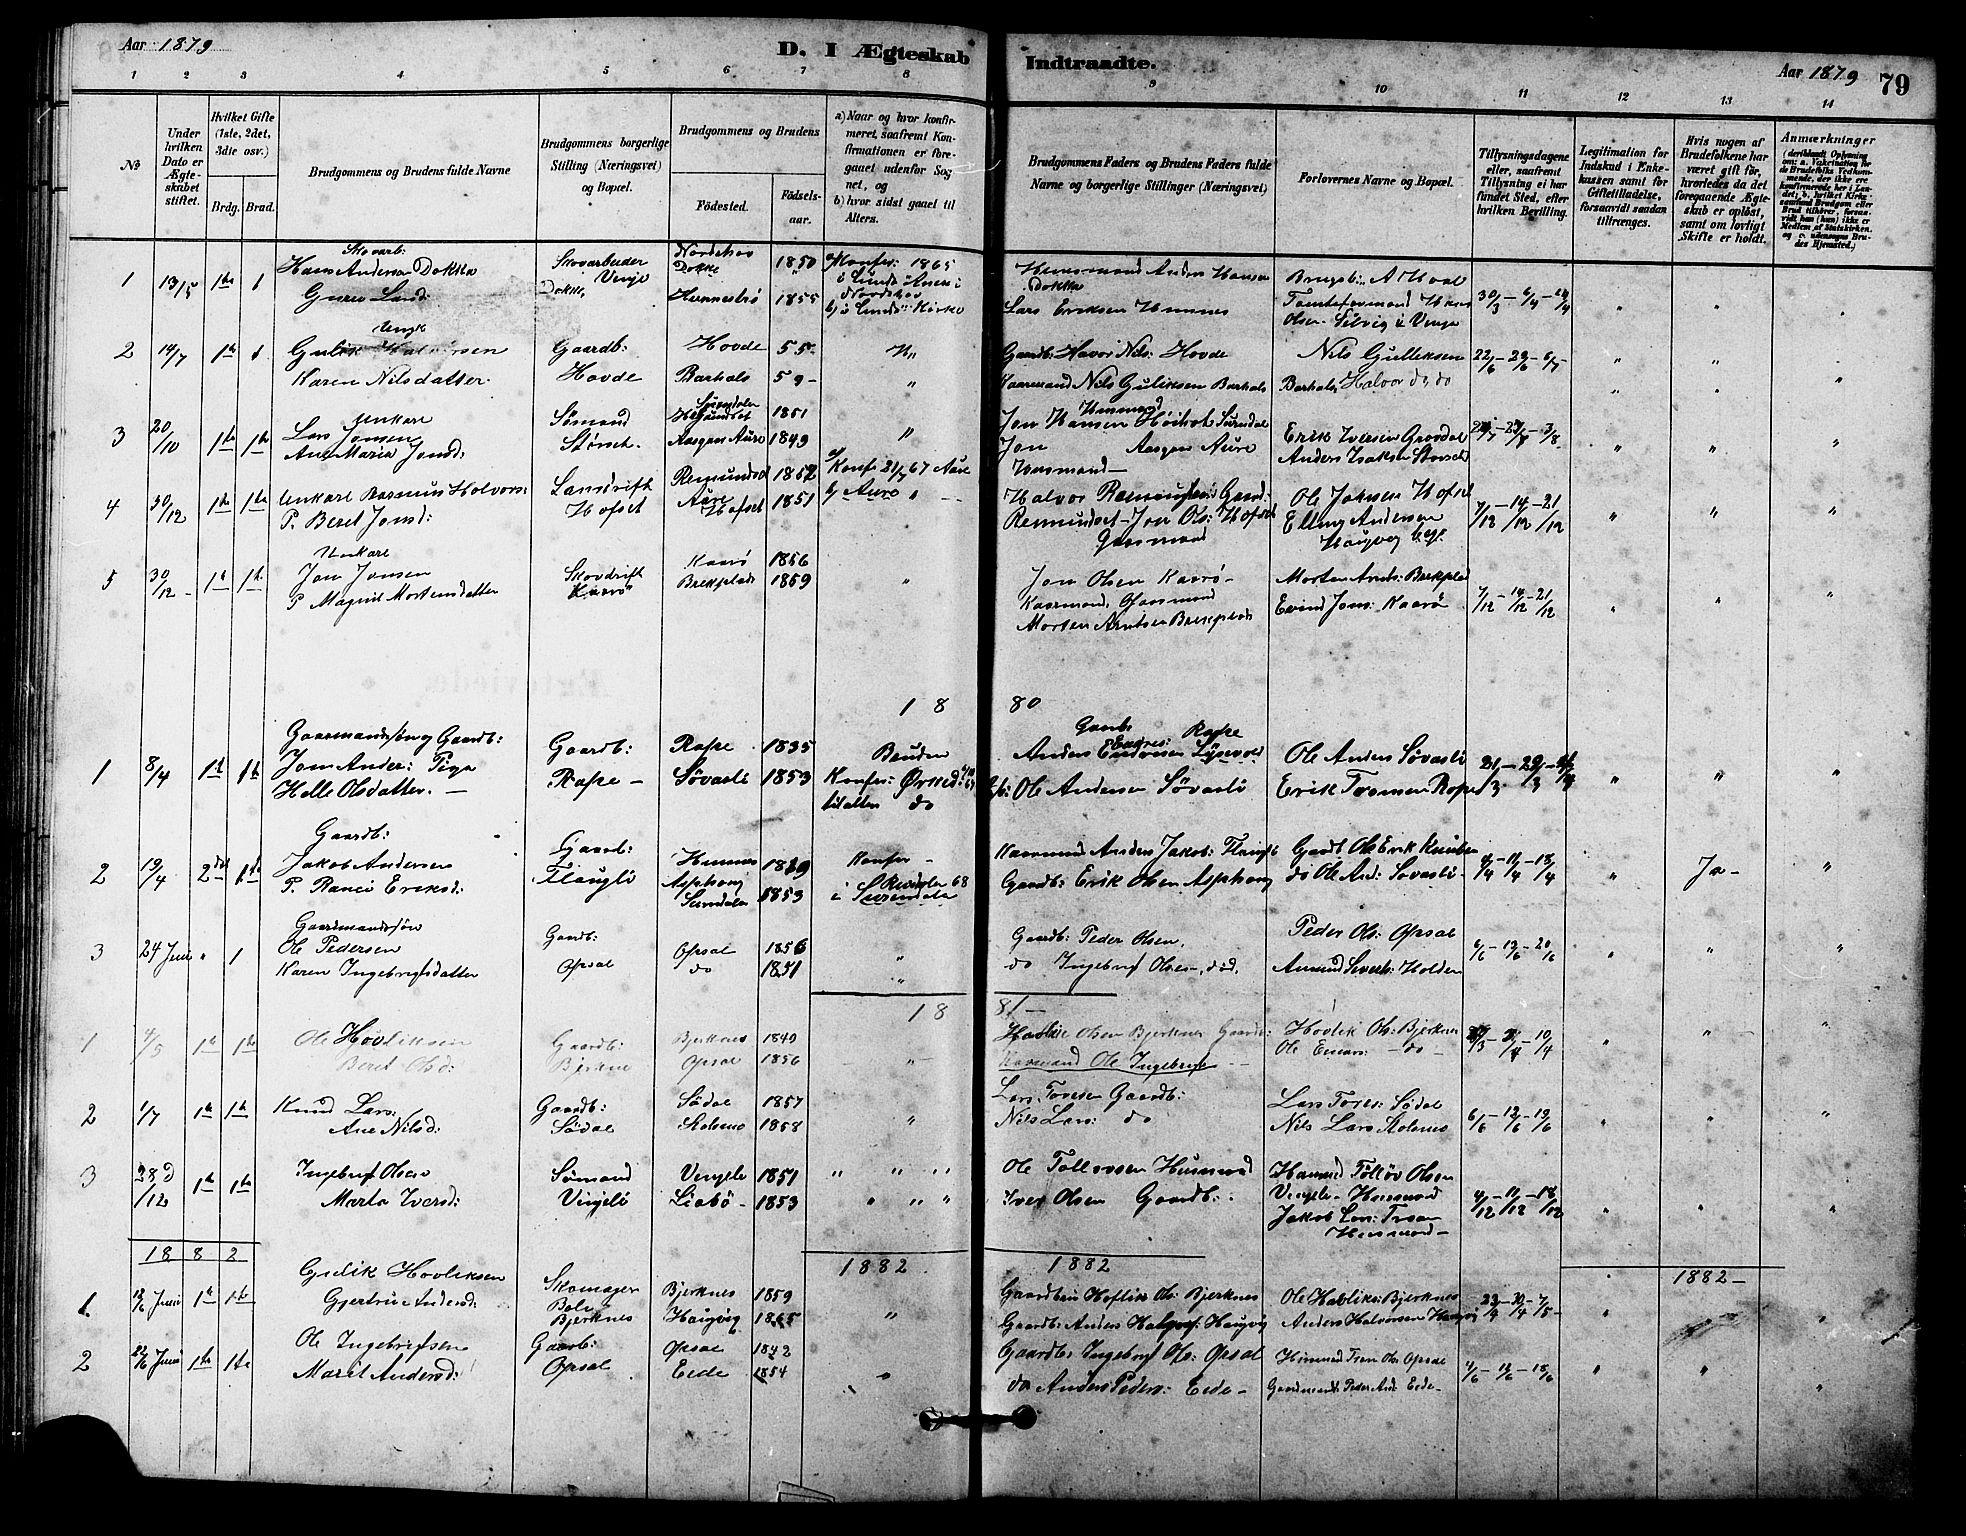 SAT, Ministerialprotokoller, klokkerbøker og fødselsregistre - Sør-Trøndelag, 631/L0514: Klokkerbok nr. 631C02, 1879-1912, s. 79